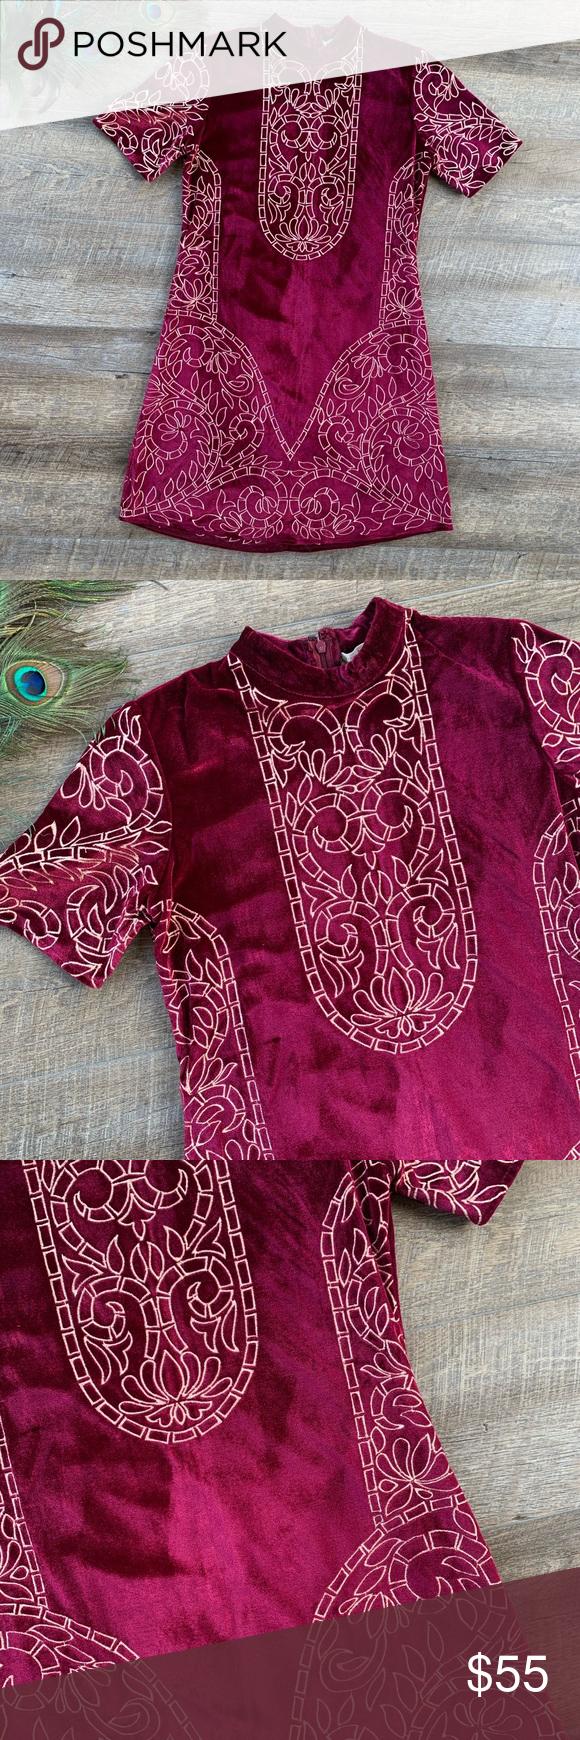 NWT Chelsea & Violet Burgundy Velvet Dress NWT Che